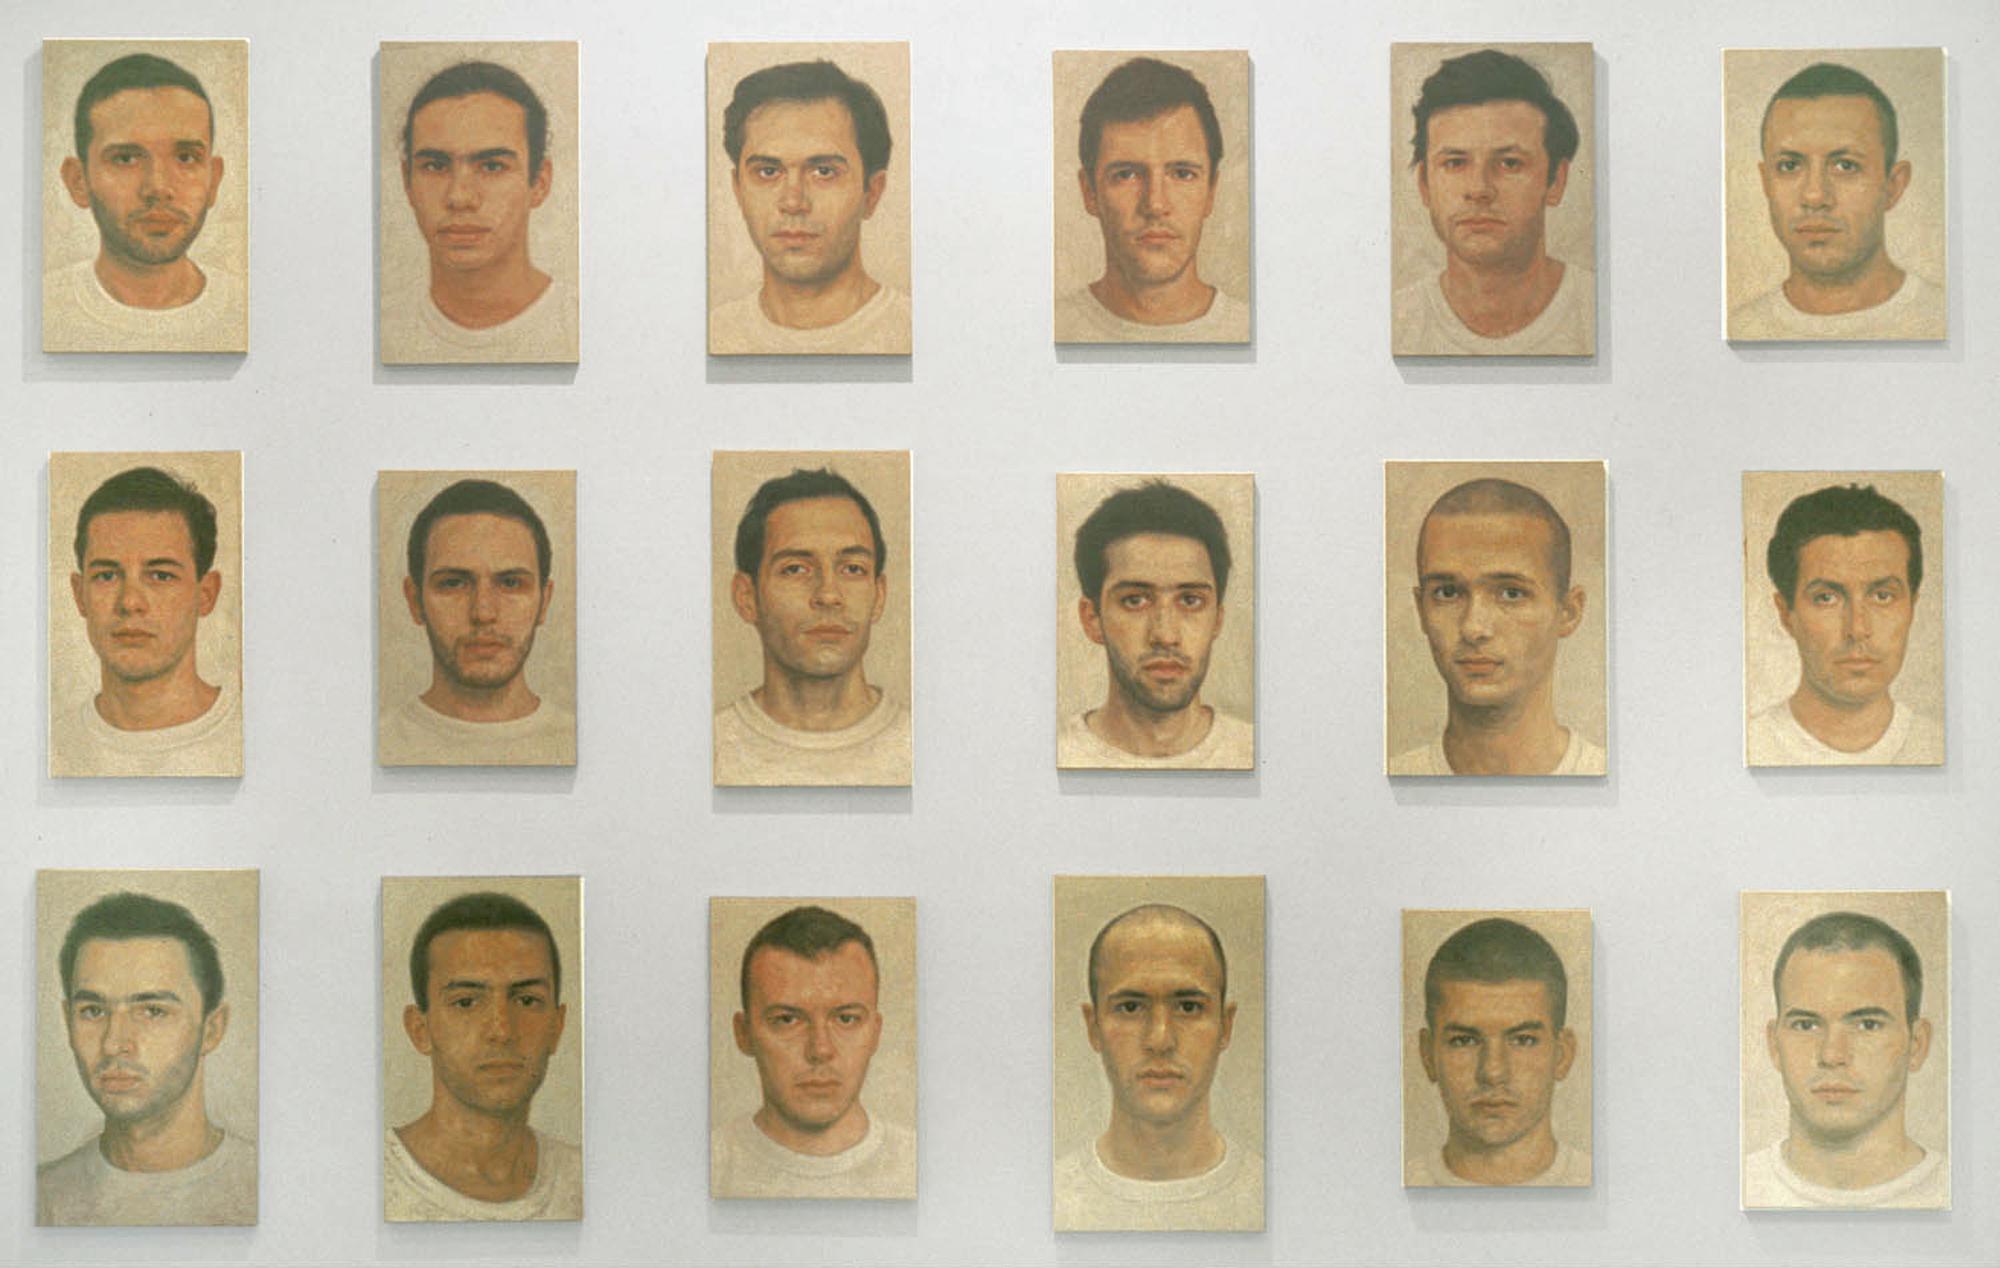 Y.Z. Kami, Untitled (18 Portraits), 1994 95. Oil on canvas, cm 243.8 x 307.3 © Y.Z. Kami. Courtesy Gagosian